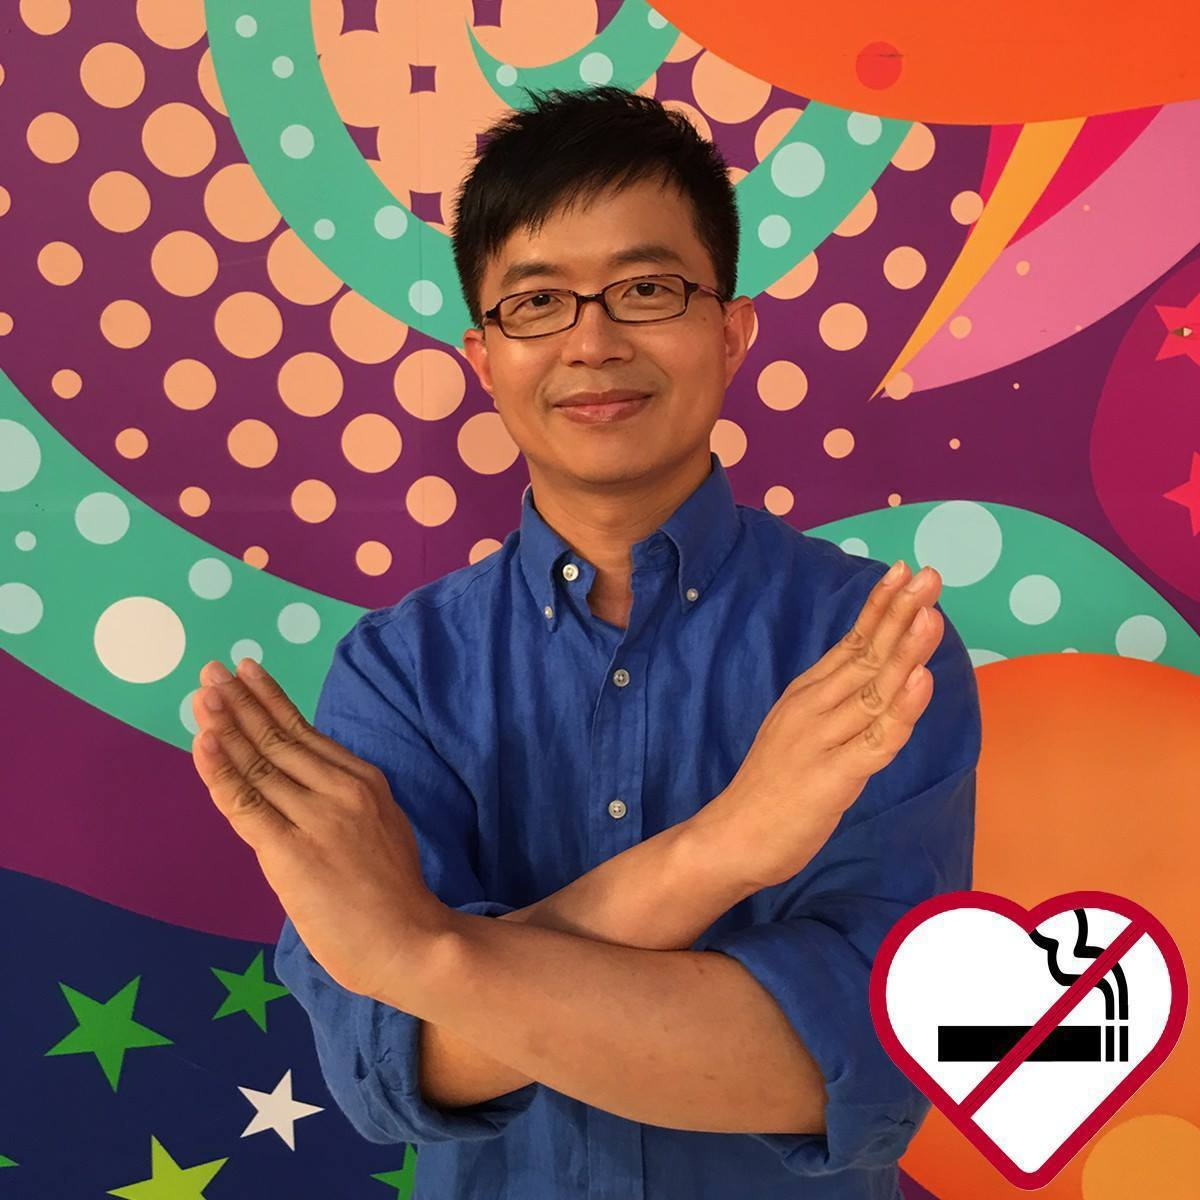 兒科醫師陳木榮。圖/取自柚子醫師的育兒診療室臉書粉專